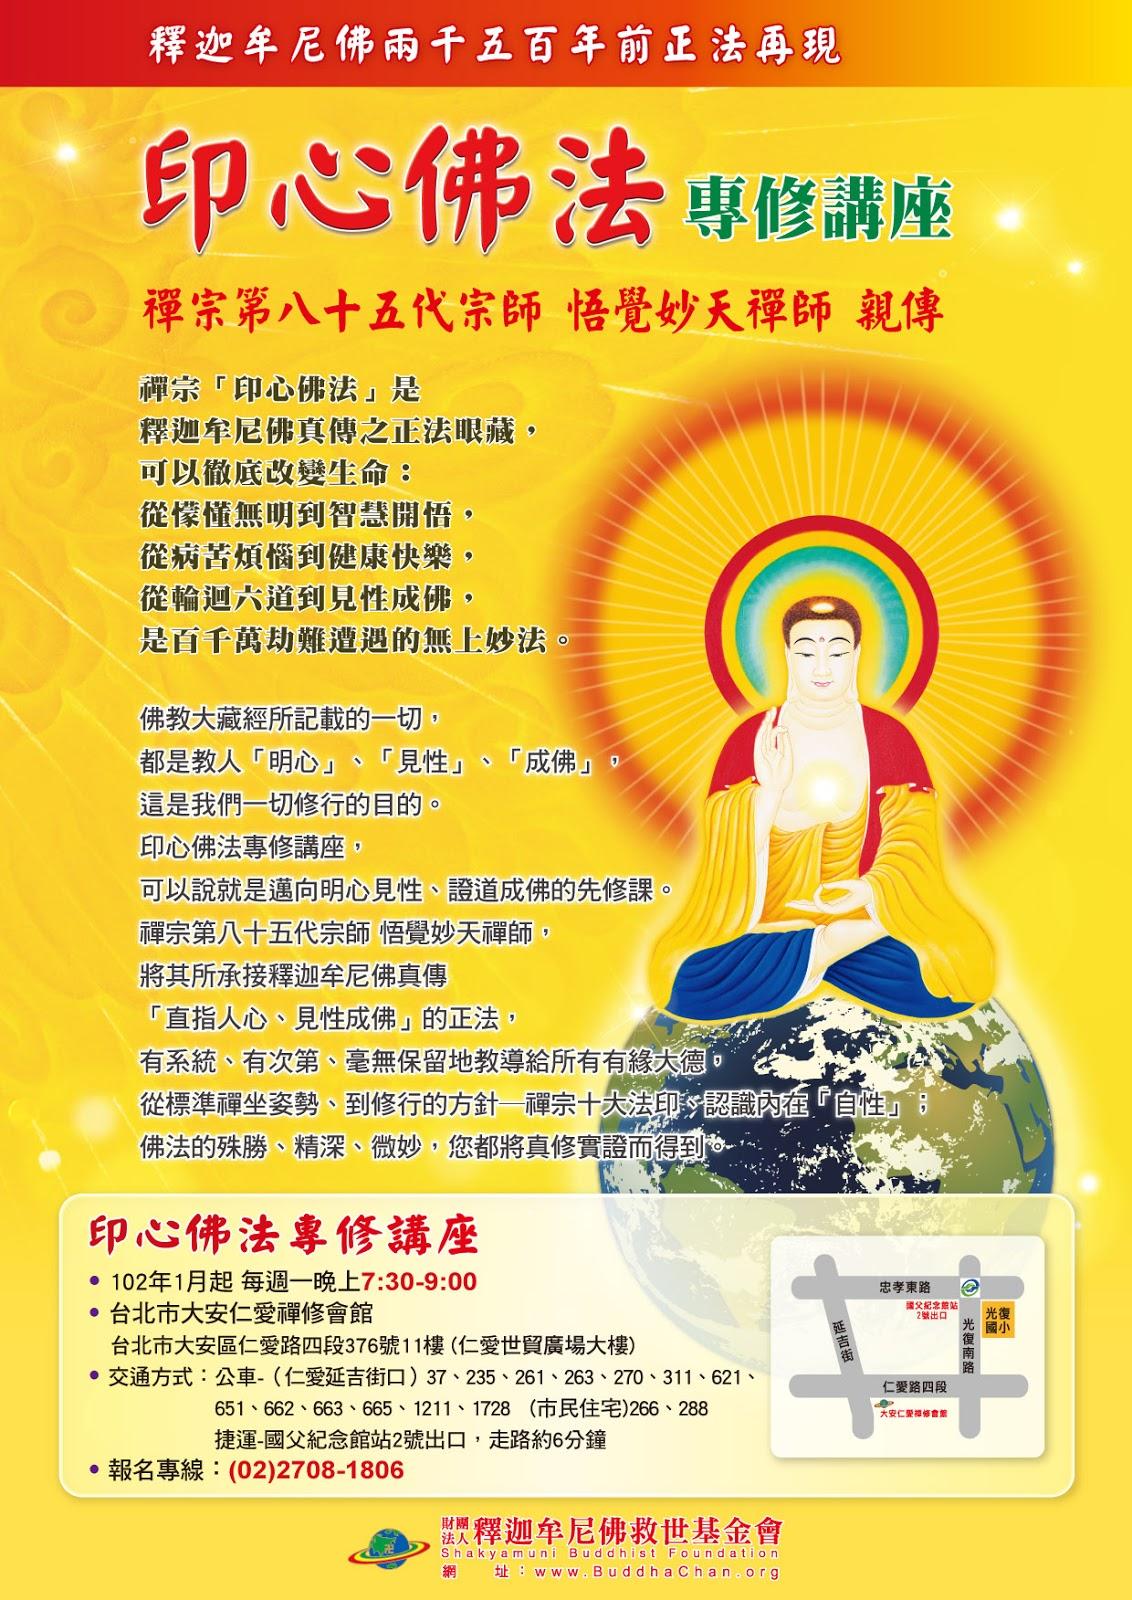 禪宗「印心佛法」是 釋迦牟尼佛真傳之正法眼藏,可以徹底改變生命:從懵懂無明到智慧開悟,從病苦煩惱到健康快樂,從輪迴六道到見性成佛,是百千萬劫難遭遇的無上妙法。